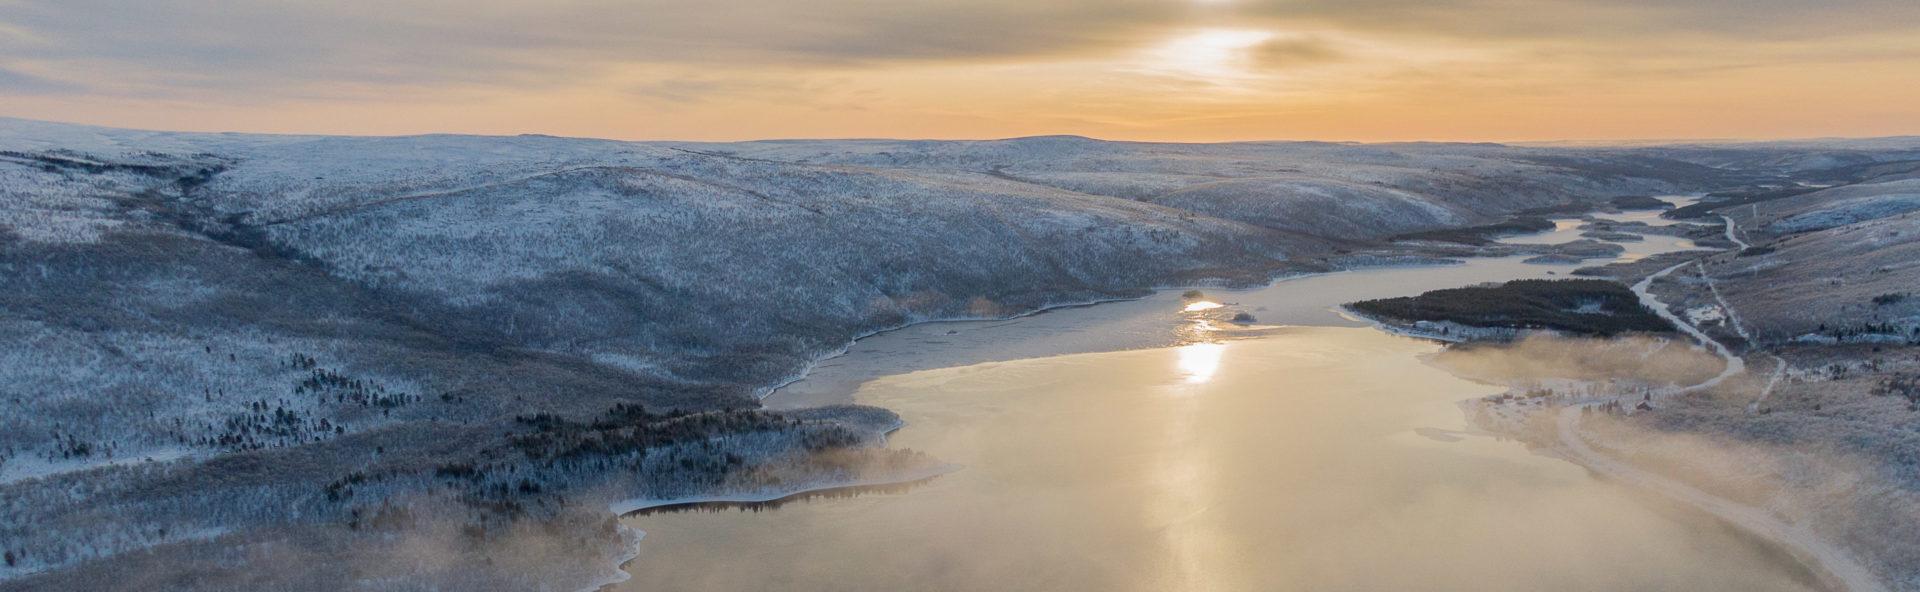 Ilmasta kuvattu talvinen maisema Utsjoelta, kuvassa näkyy vesistö ja tuntureita.